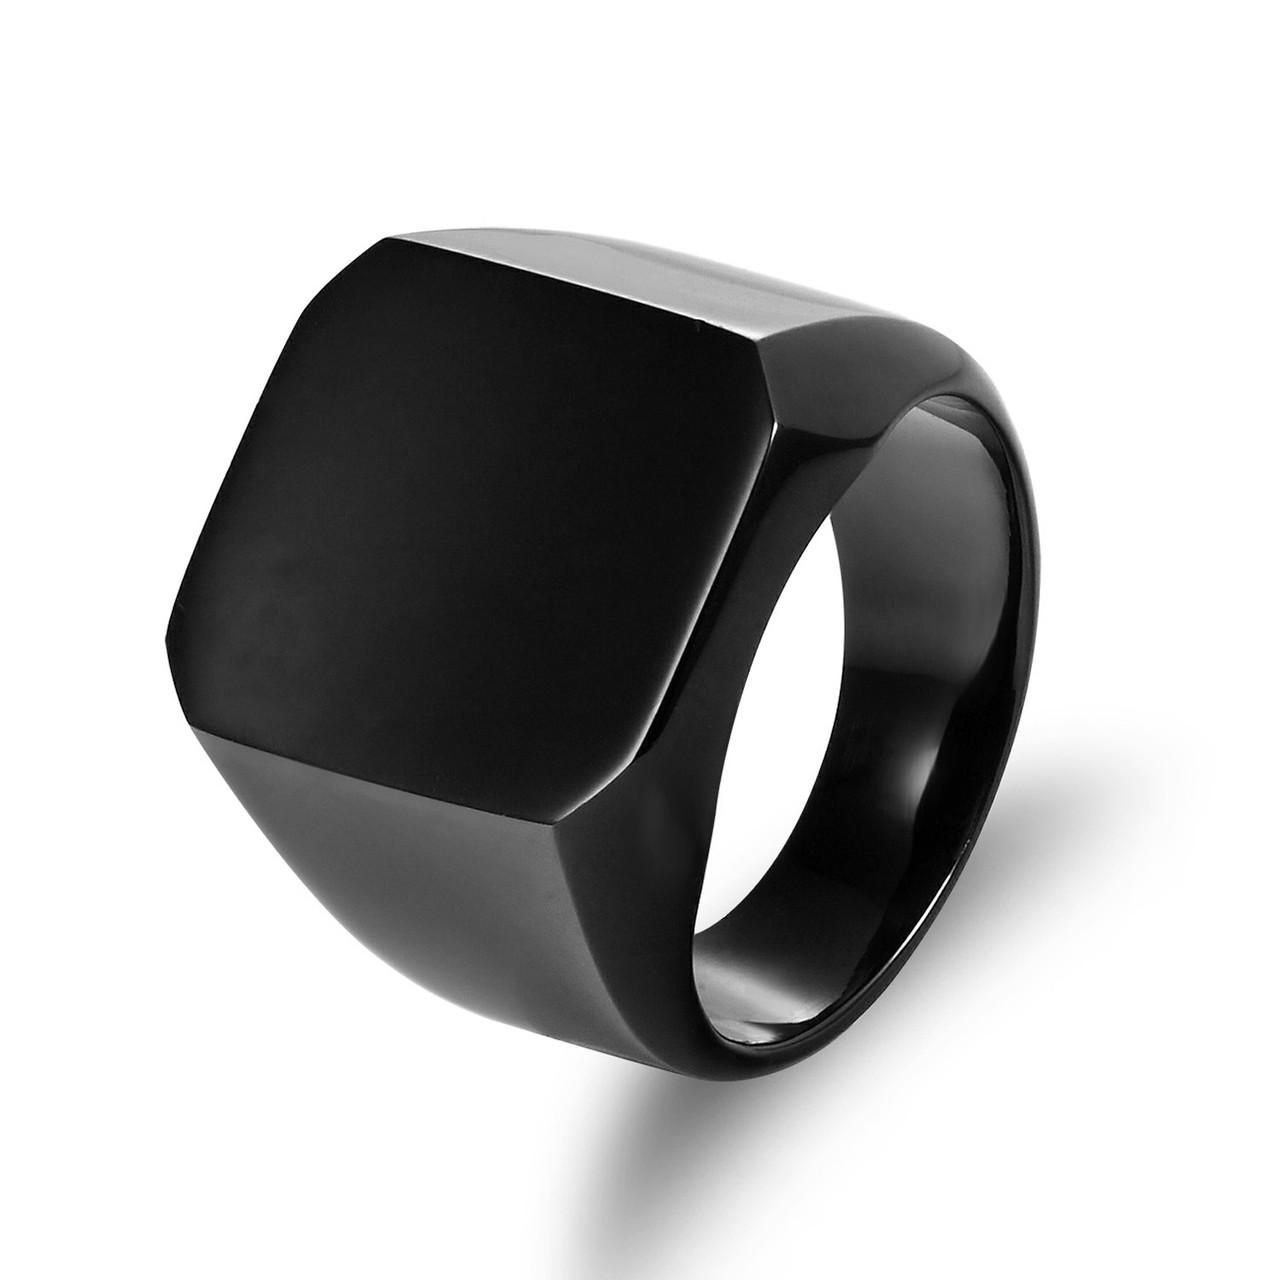 Кольцо Мужское City-A Размер 20 цвет Черное Нержавеющее Квадратное Перстень Печатка Винтаж №3272